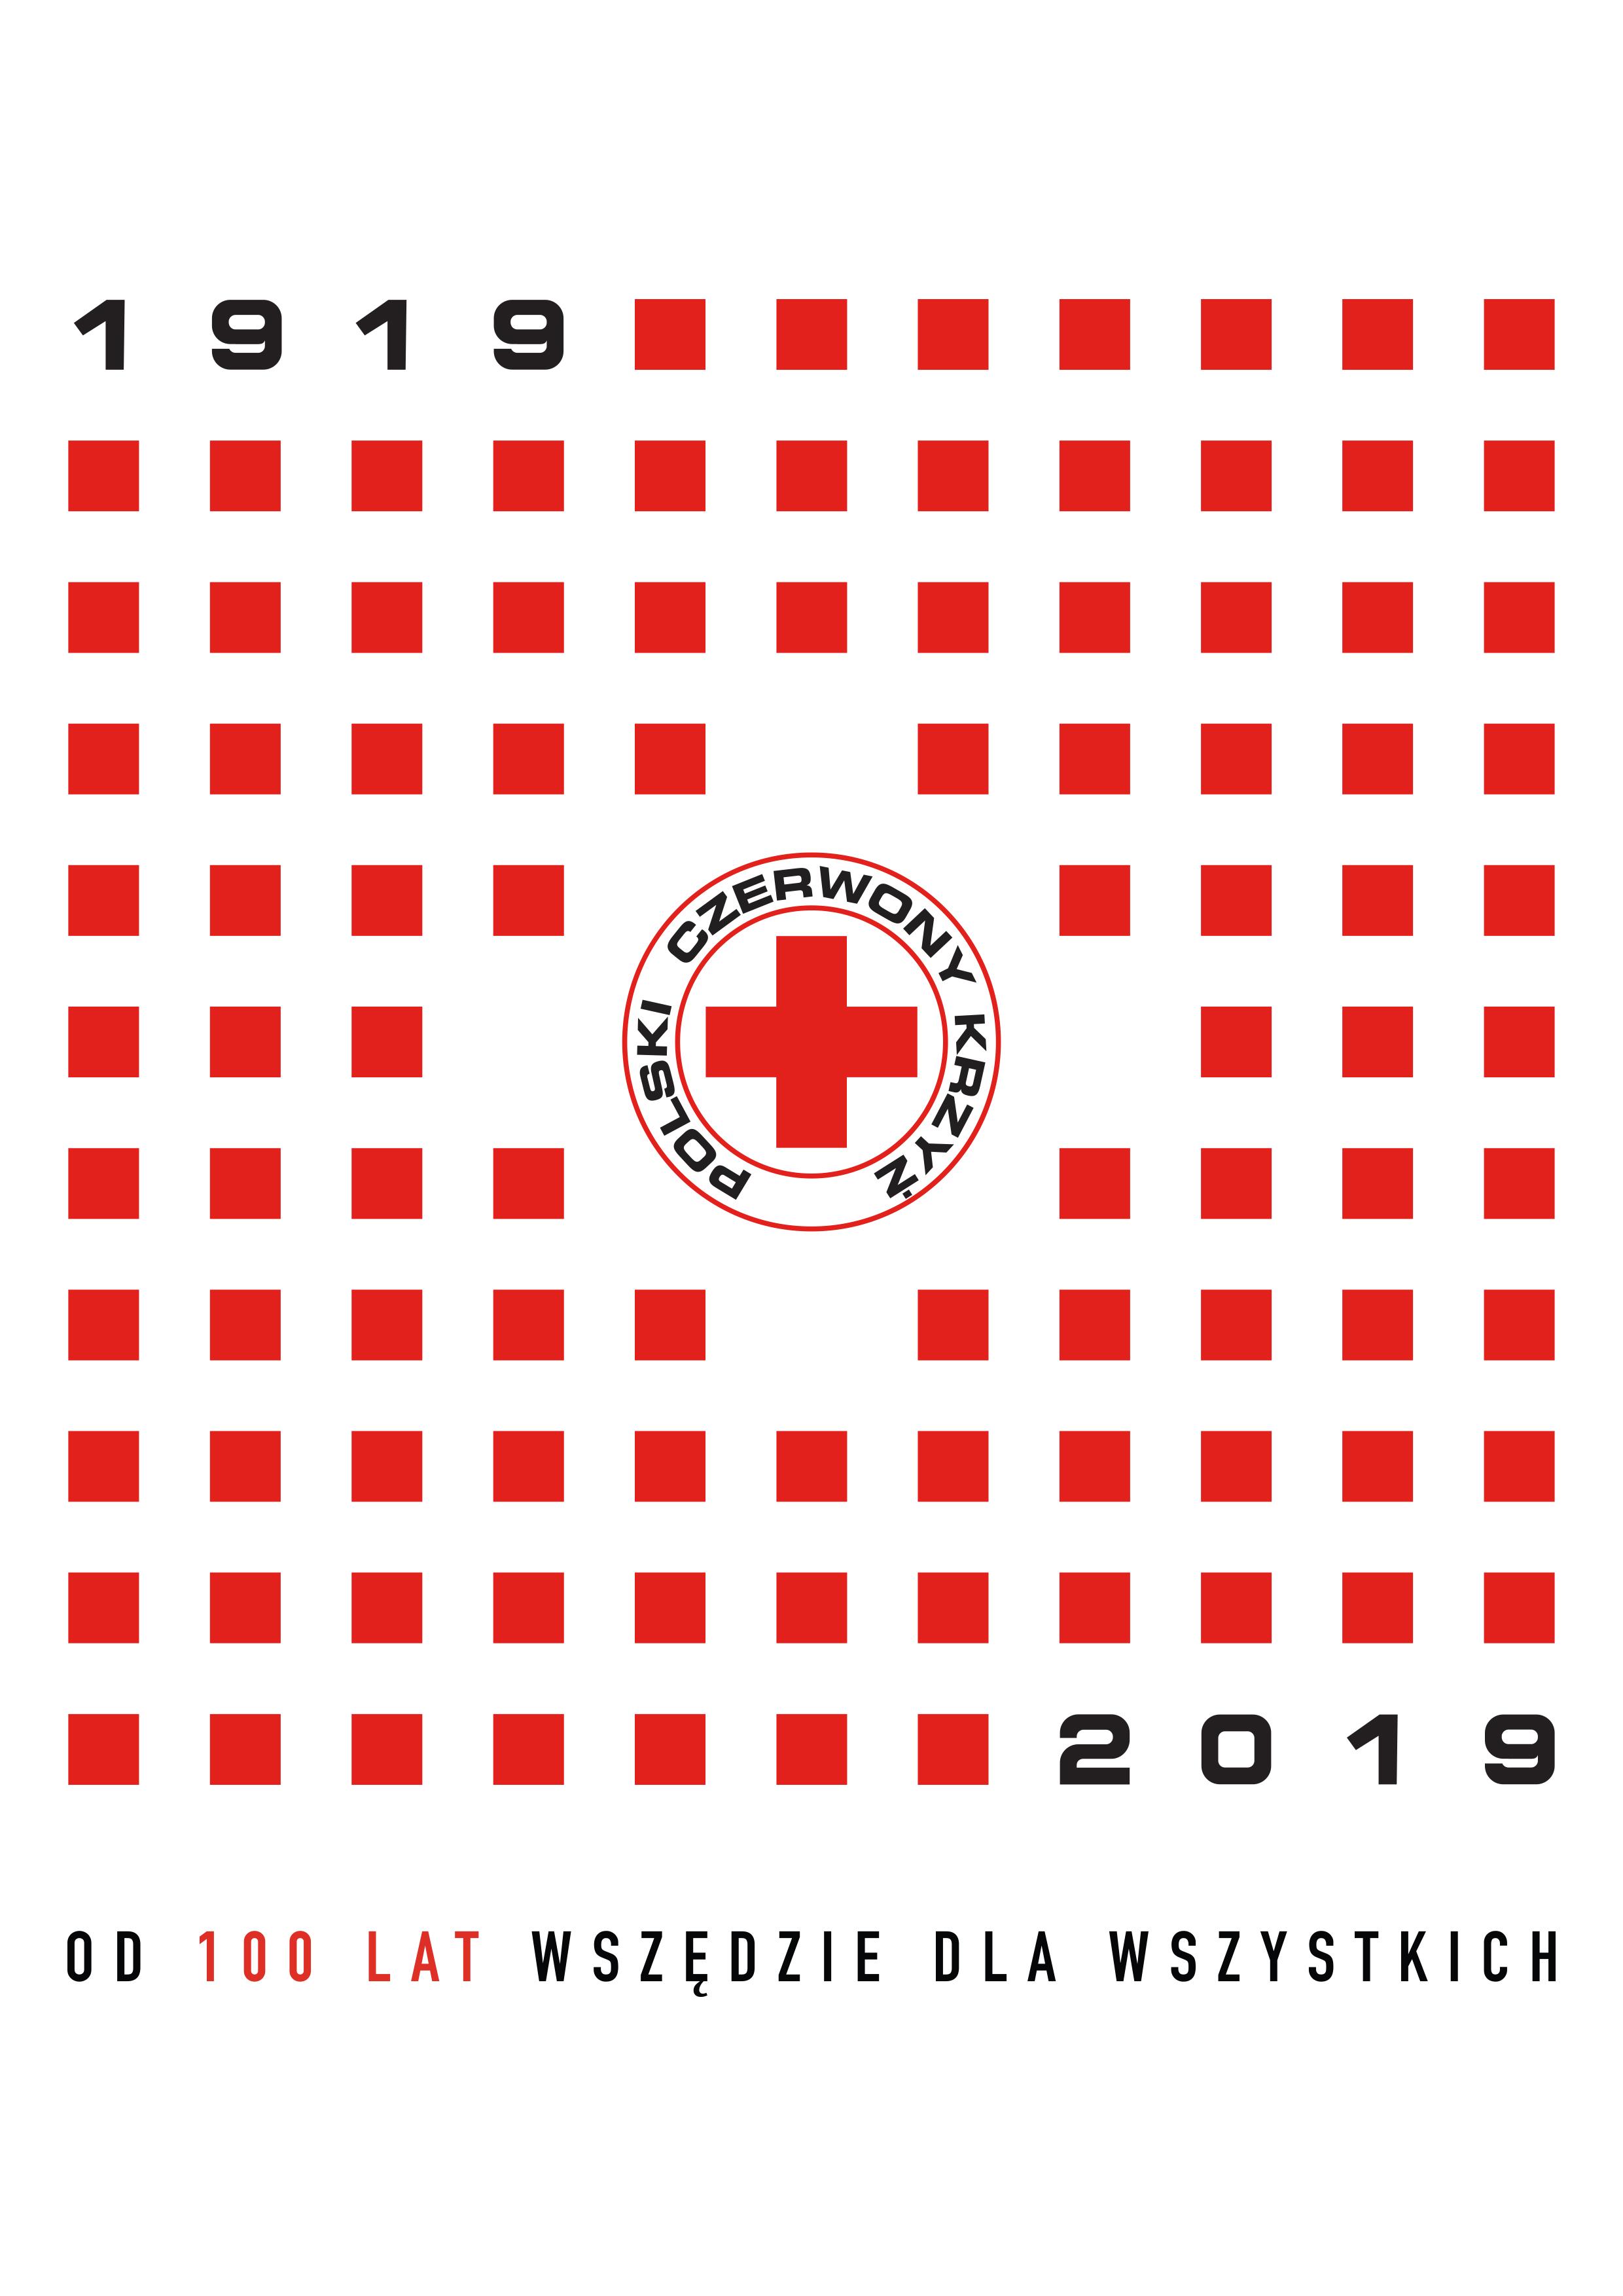 100-lecie istnienia Polskiego Czerwonego Krzyża